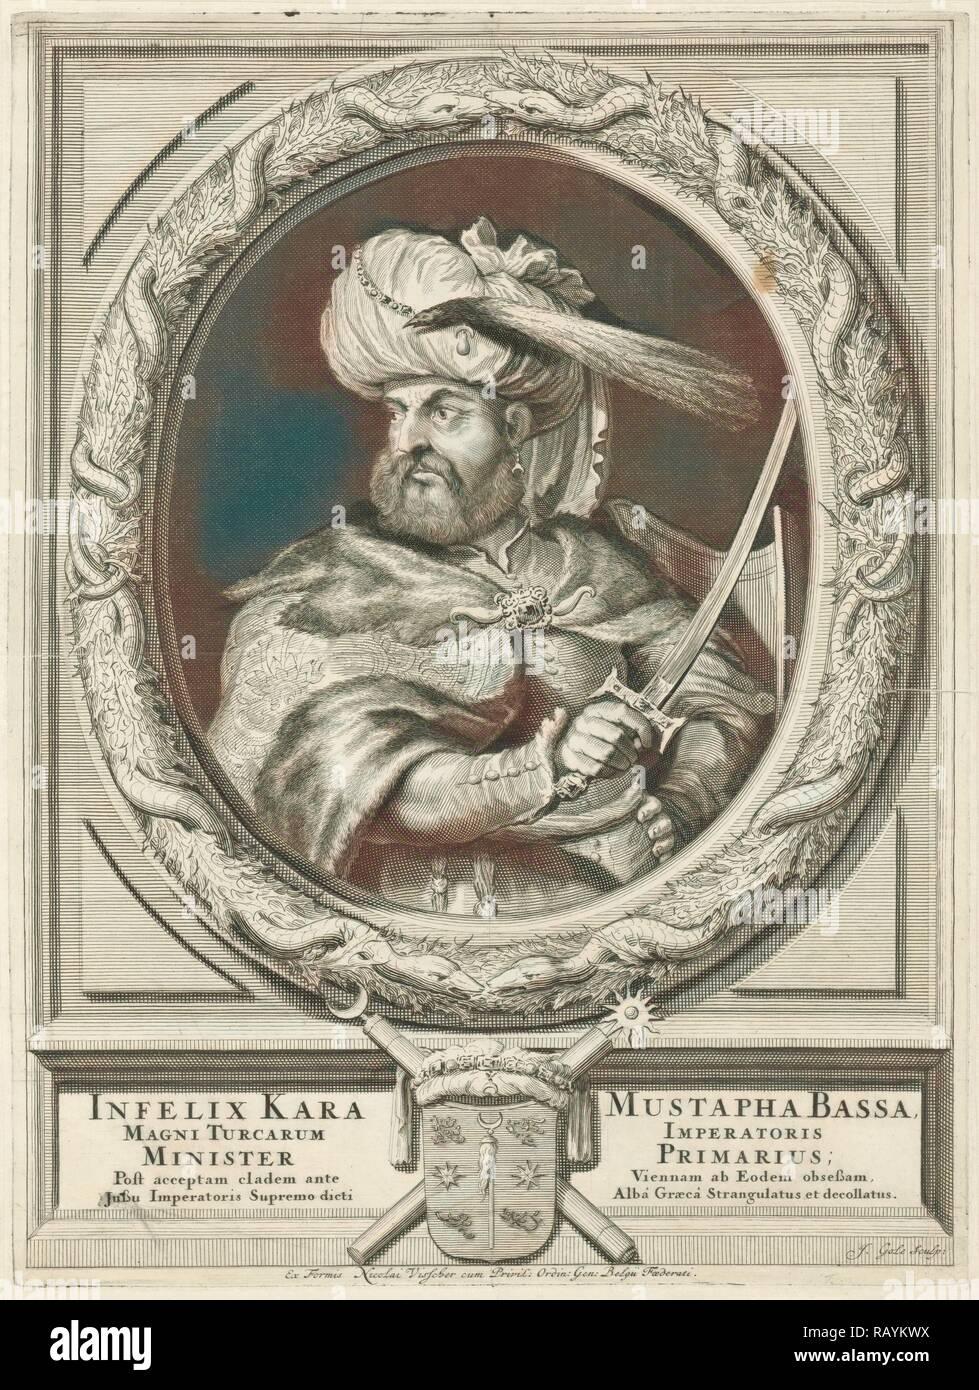 Portrait of Kara Mustafa Pasha, Jacob Gole, Nicolaas Visscher (II), Republiek der Zeven Verenigde Nederlanden, 1670 reimagined - Stock Image